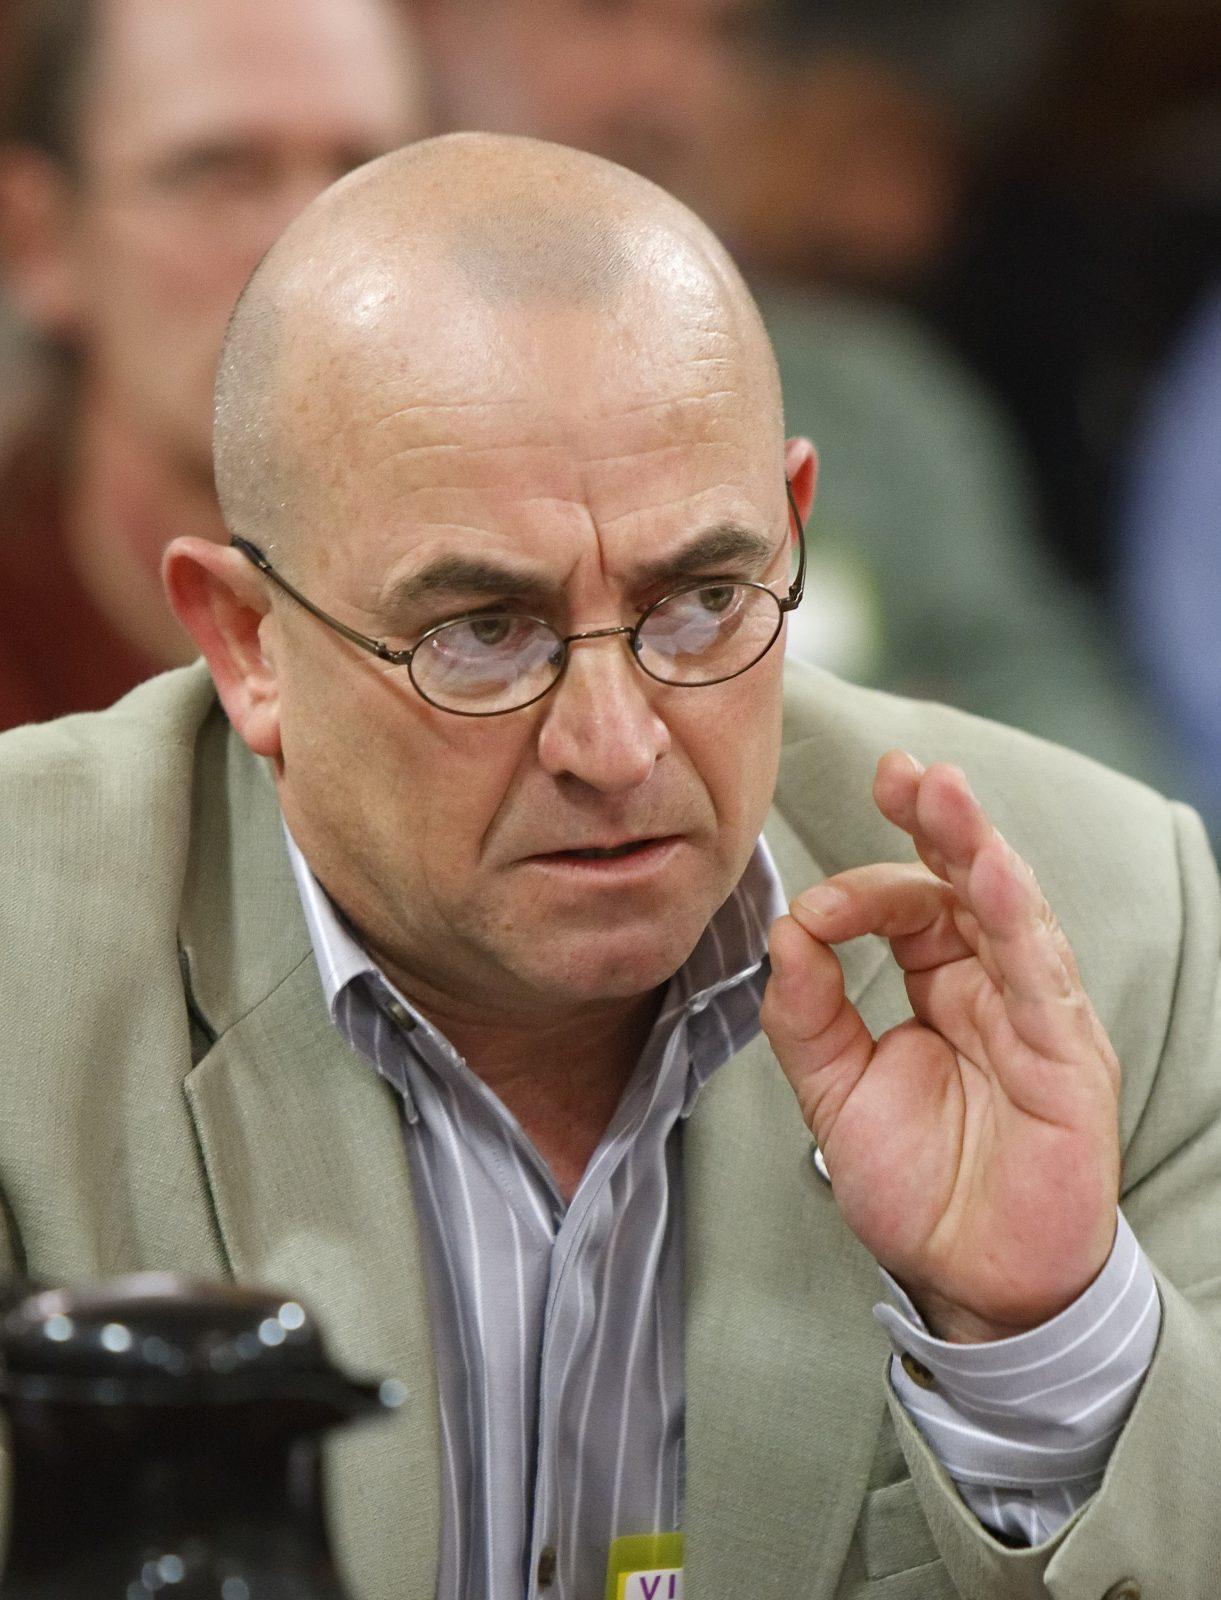 La Commission des relations du travail suspend ses audiences